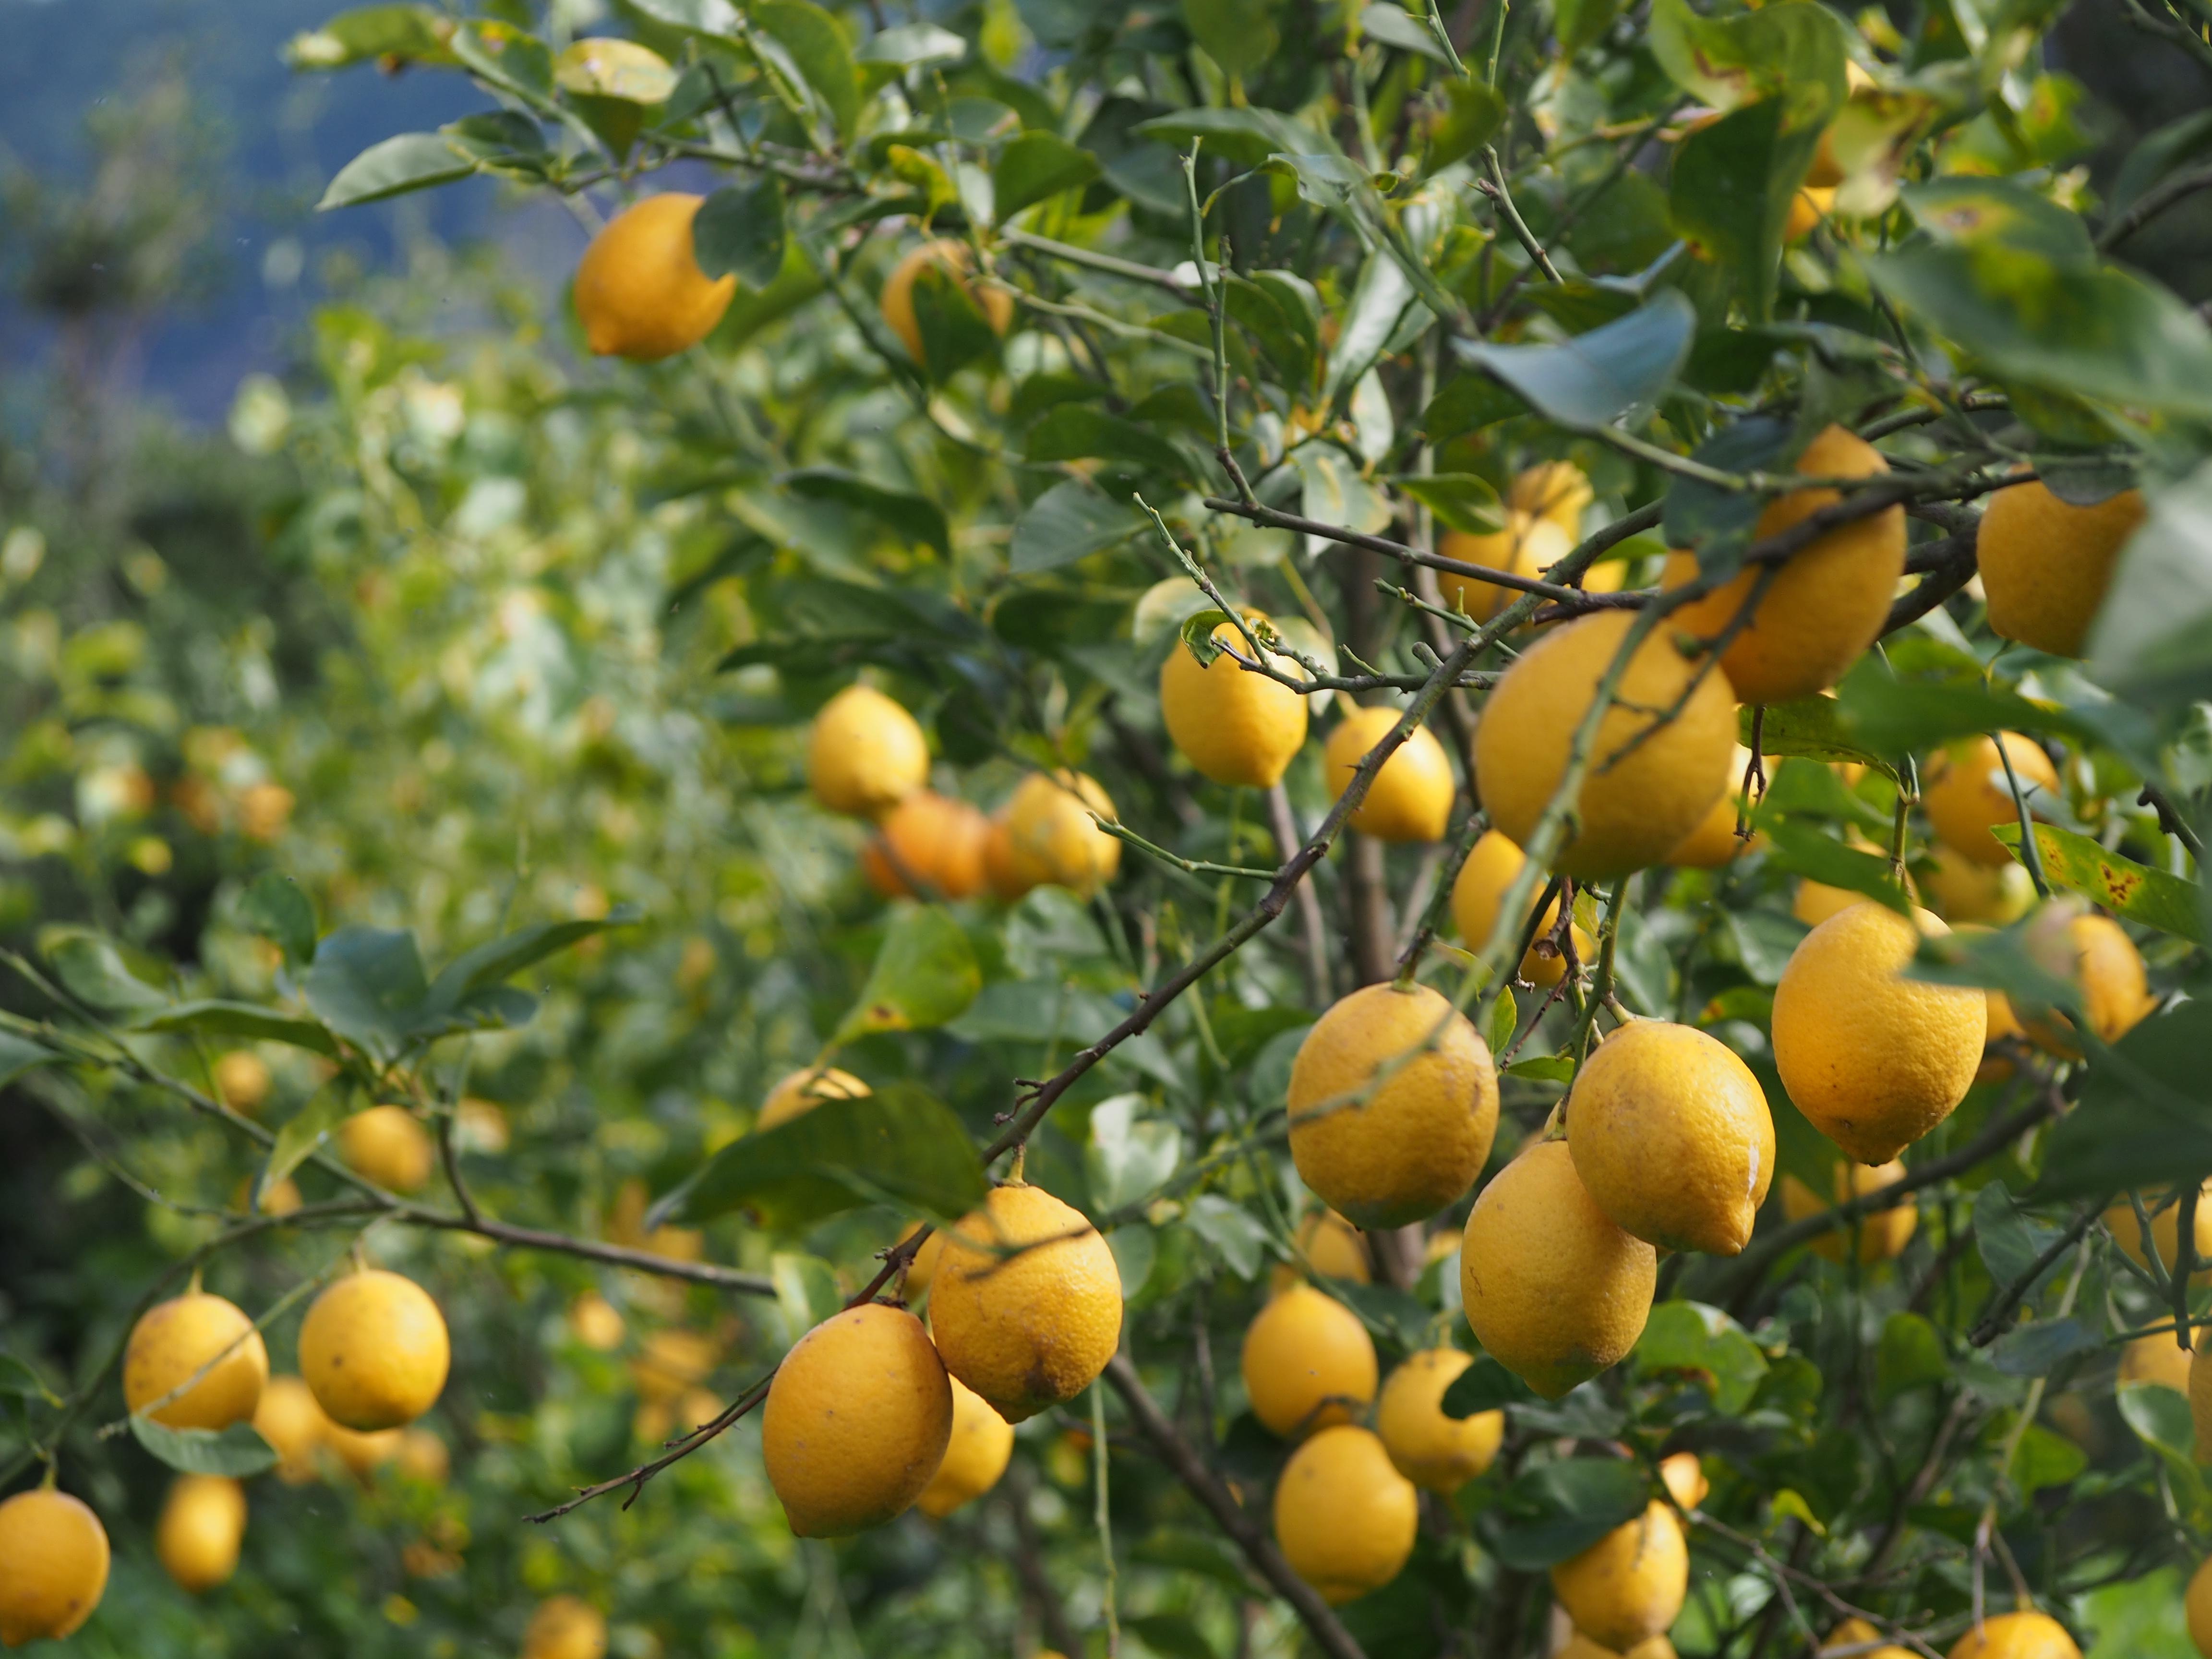 九州熊本県水俣市 福島雄治さんの自然栽培レモン、国産レモン